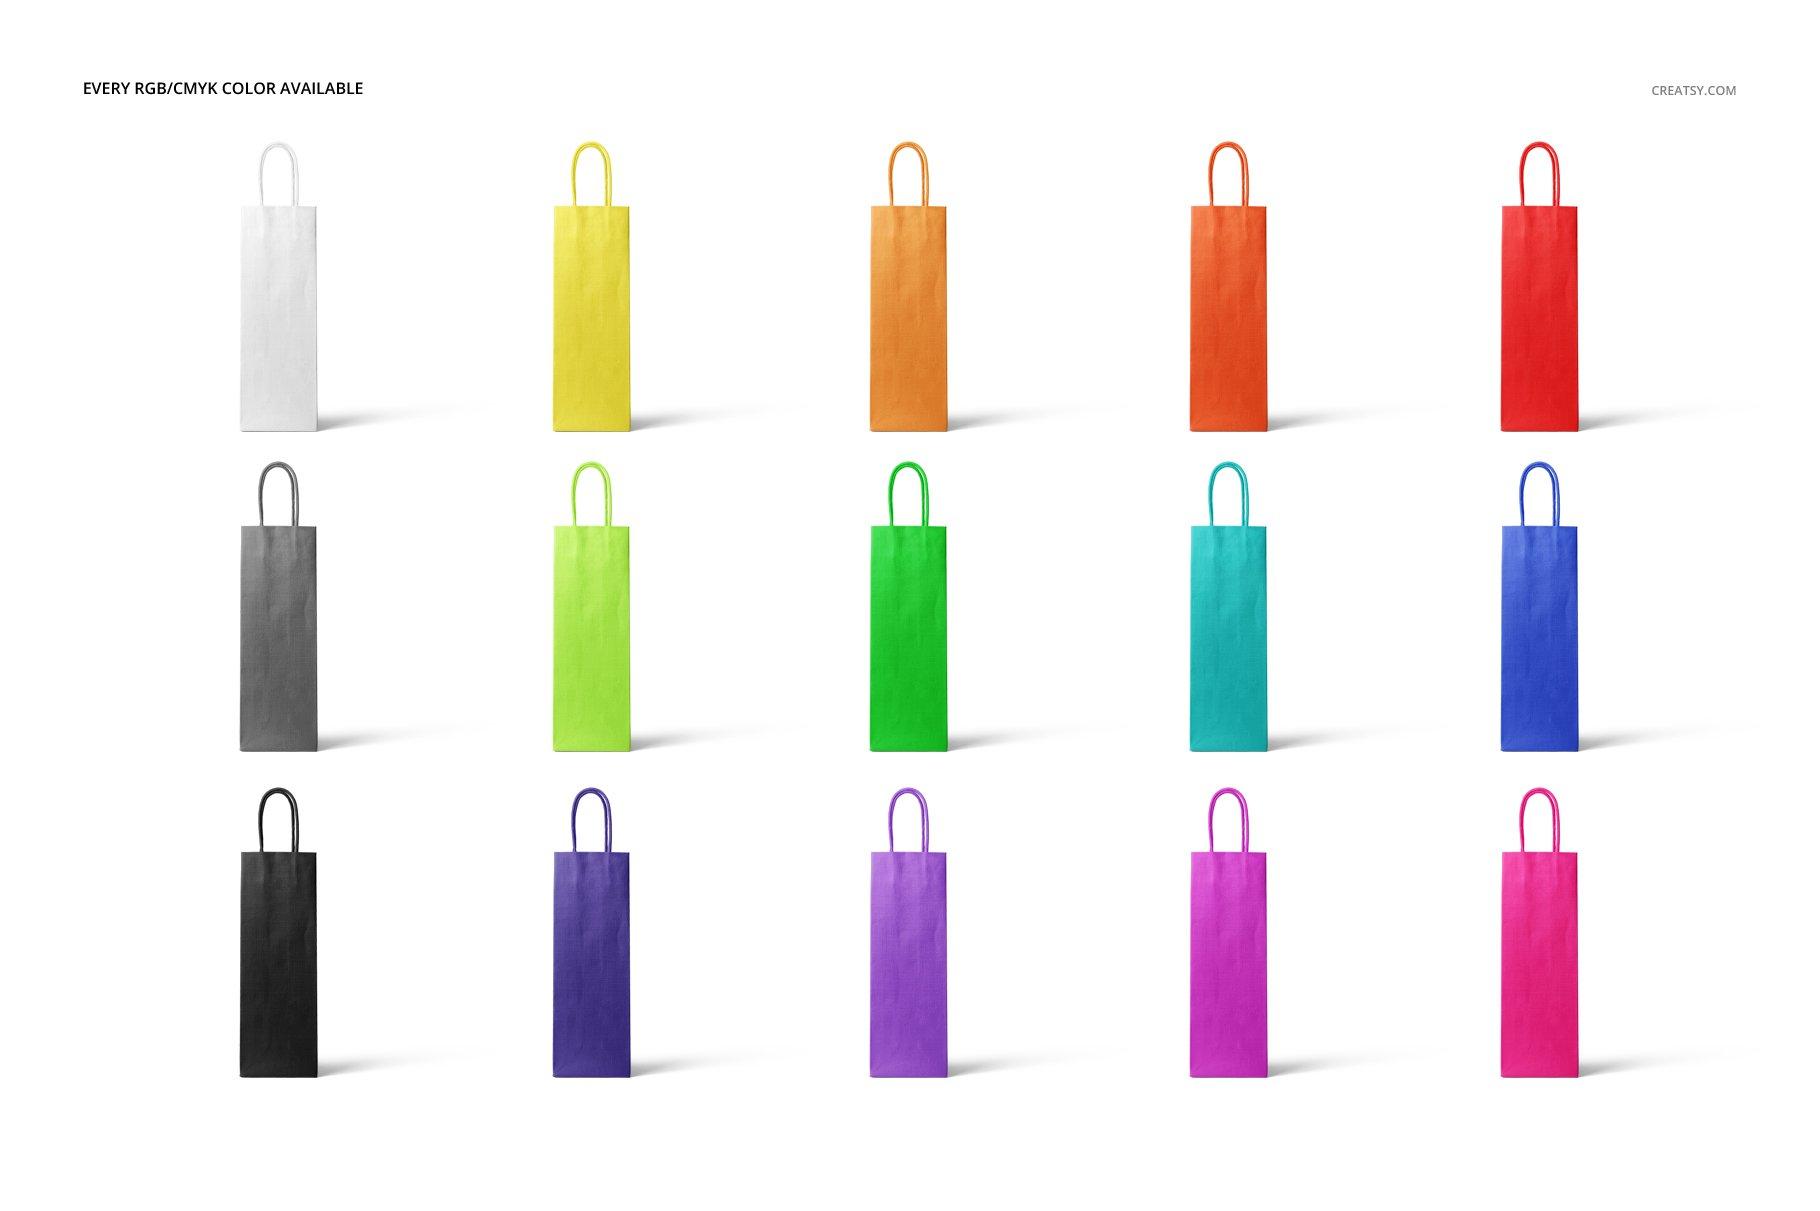 [淘宝购买] 精美葡萄酒手提袋设计展示贴图样机套装 Eurotote Wine Tote Bag Mockup Set插图(2)